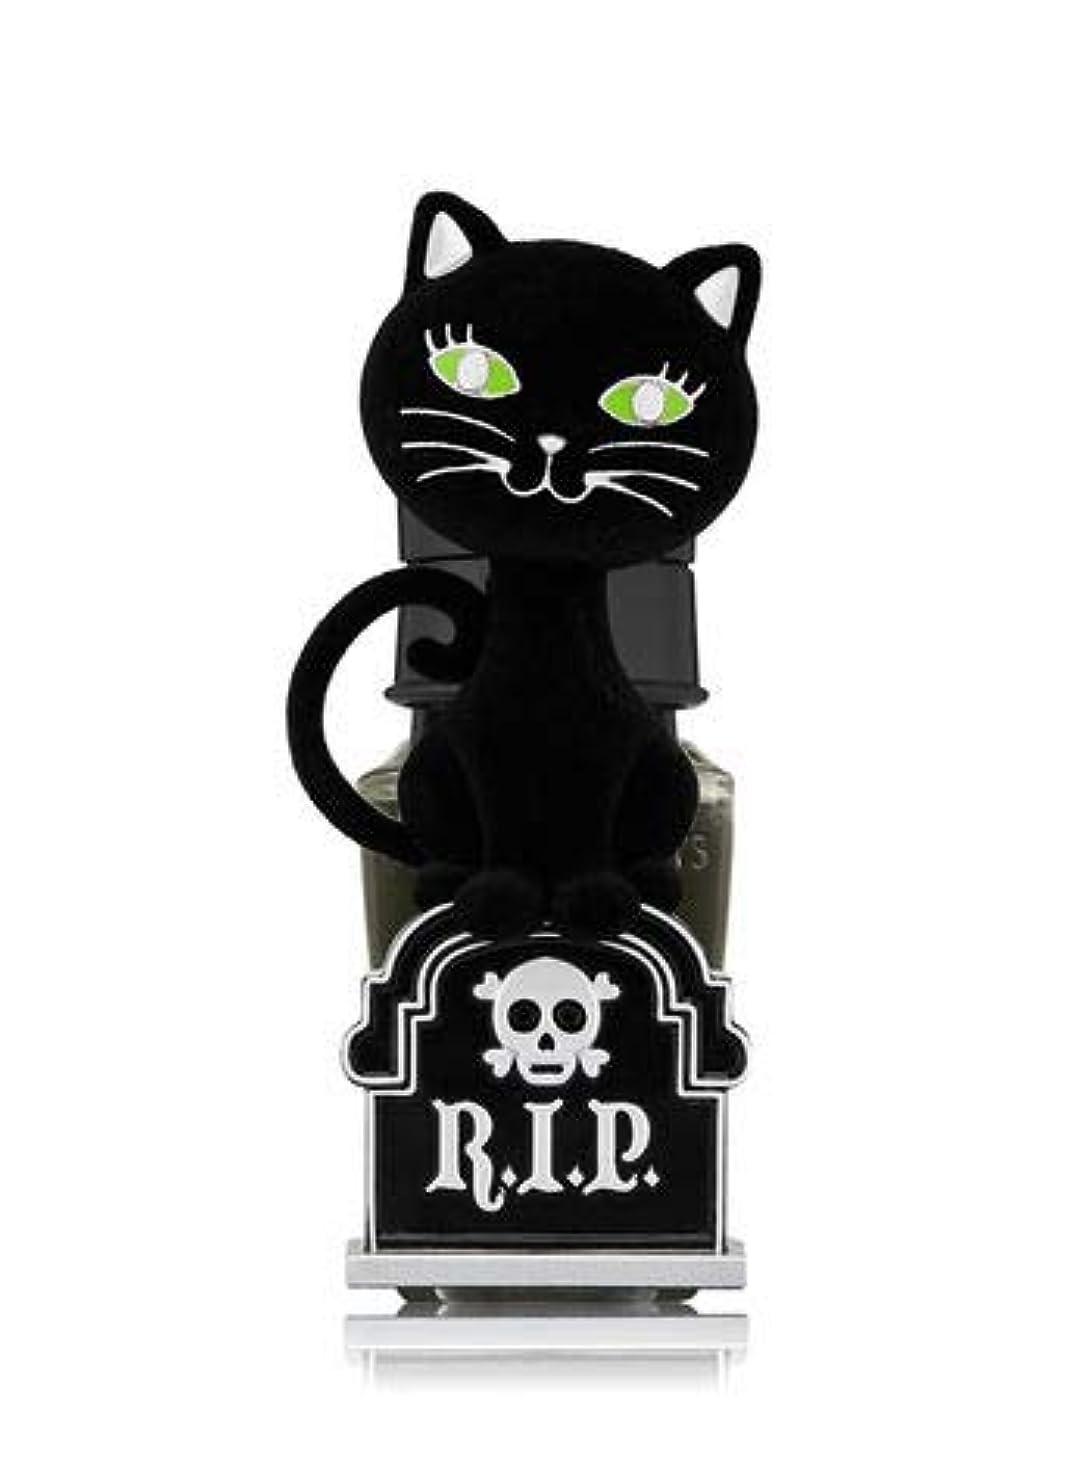 警戒滅多マサッチョ【Bath&Body Works/バス&ボディワークス】 ルームフレグランス プラグインスターター (本体のみ) ハロウィン 黒猫 ナイトライト Wallflowers Fragrance Plug Halloween Tombstone Kitty Night Light [並行輸入品]